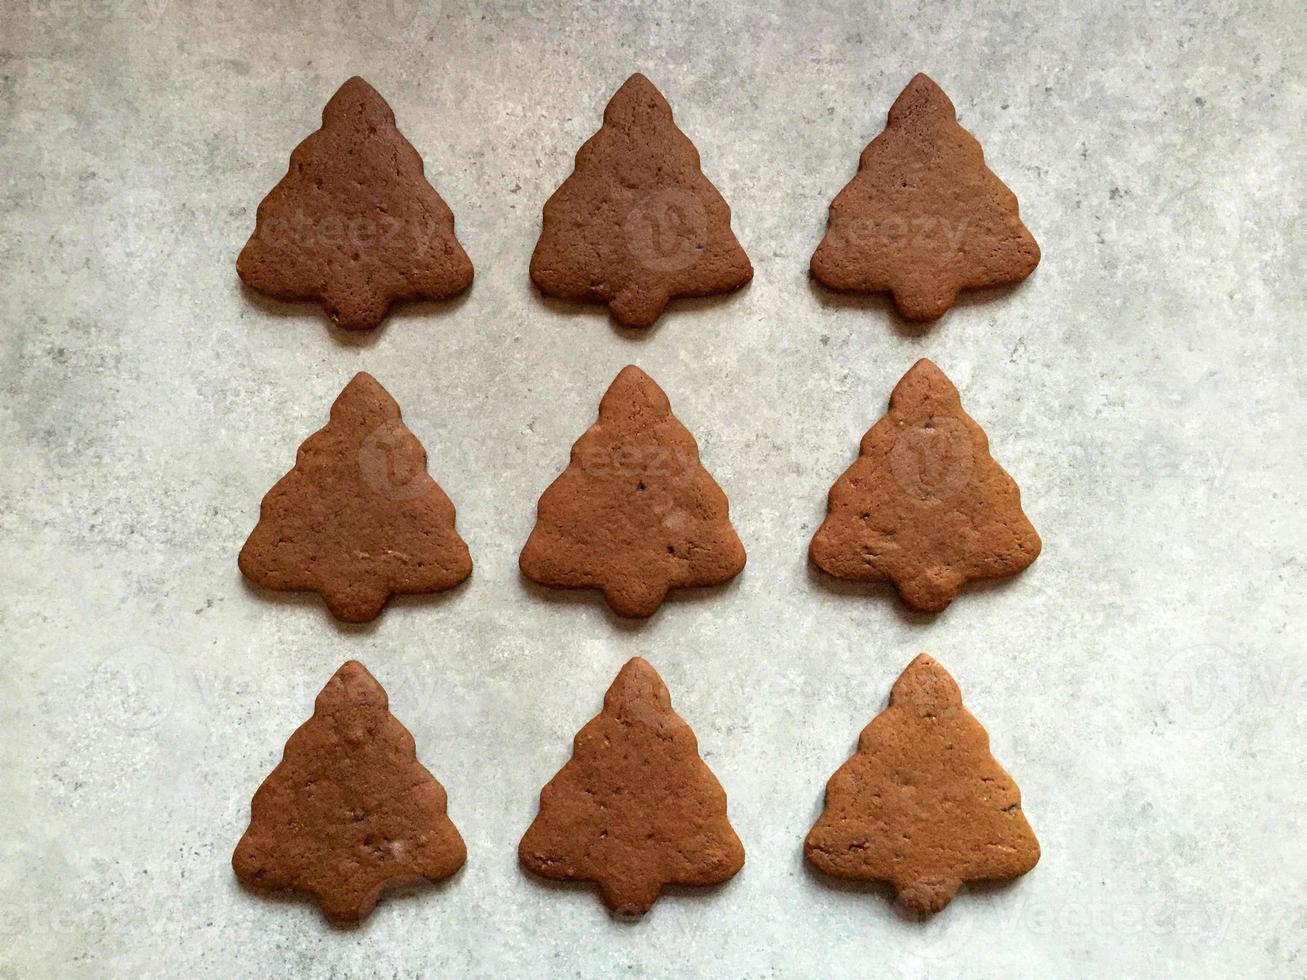 biscotti di panpepato di Natale a forma di alberi sul ripiano della cucina foto